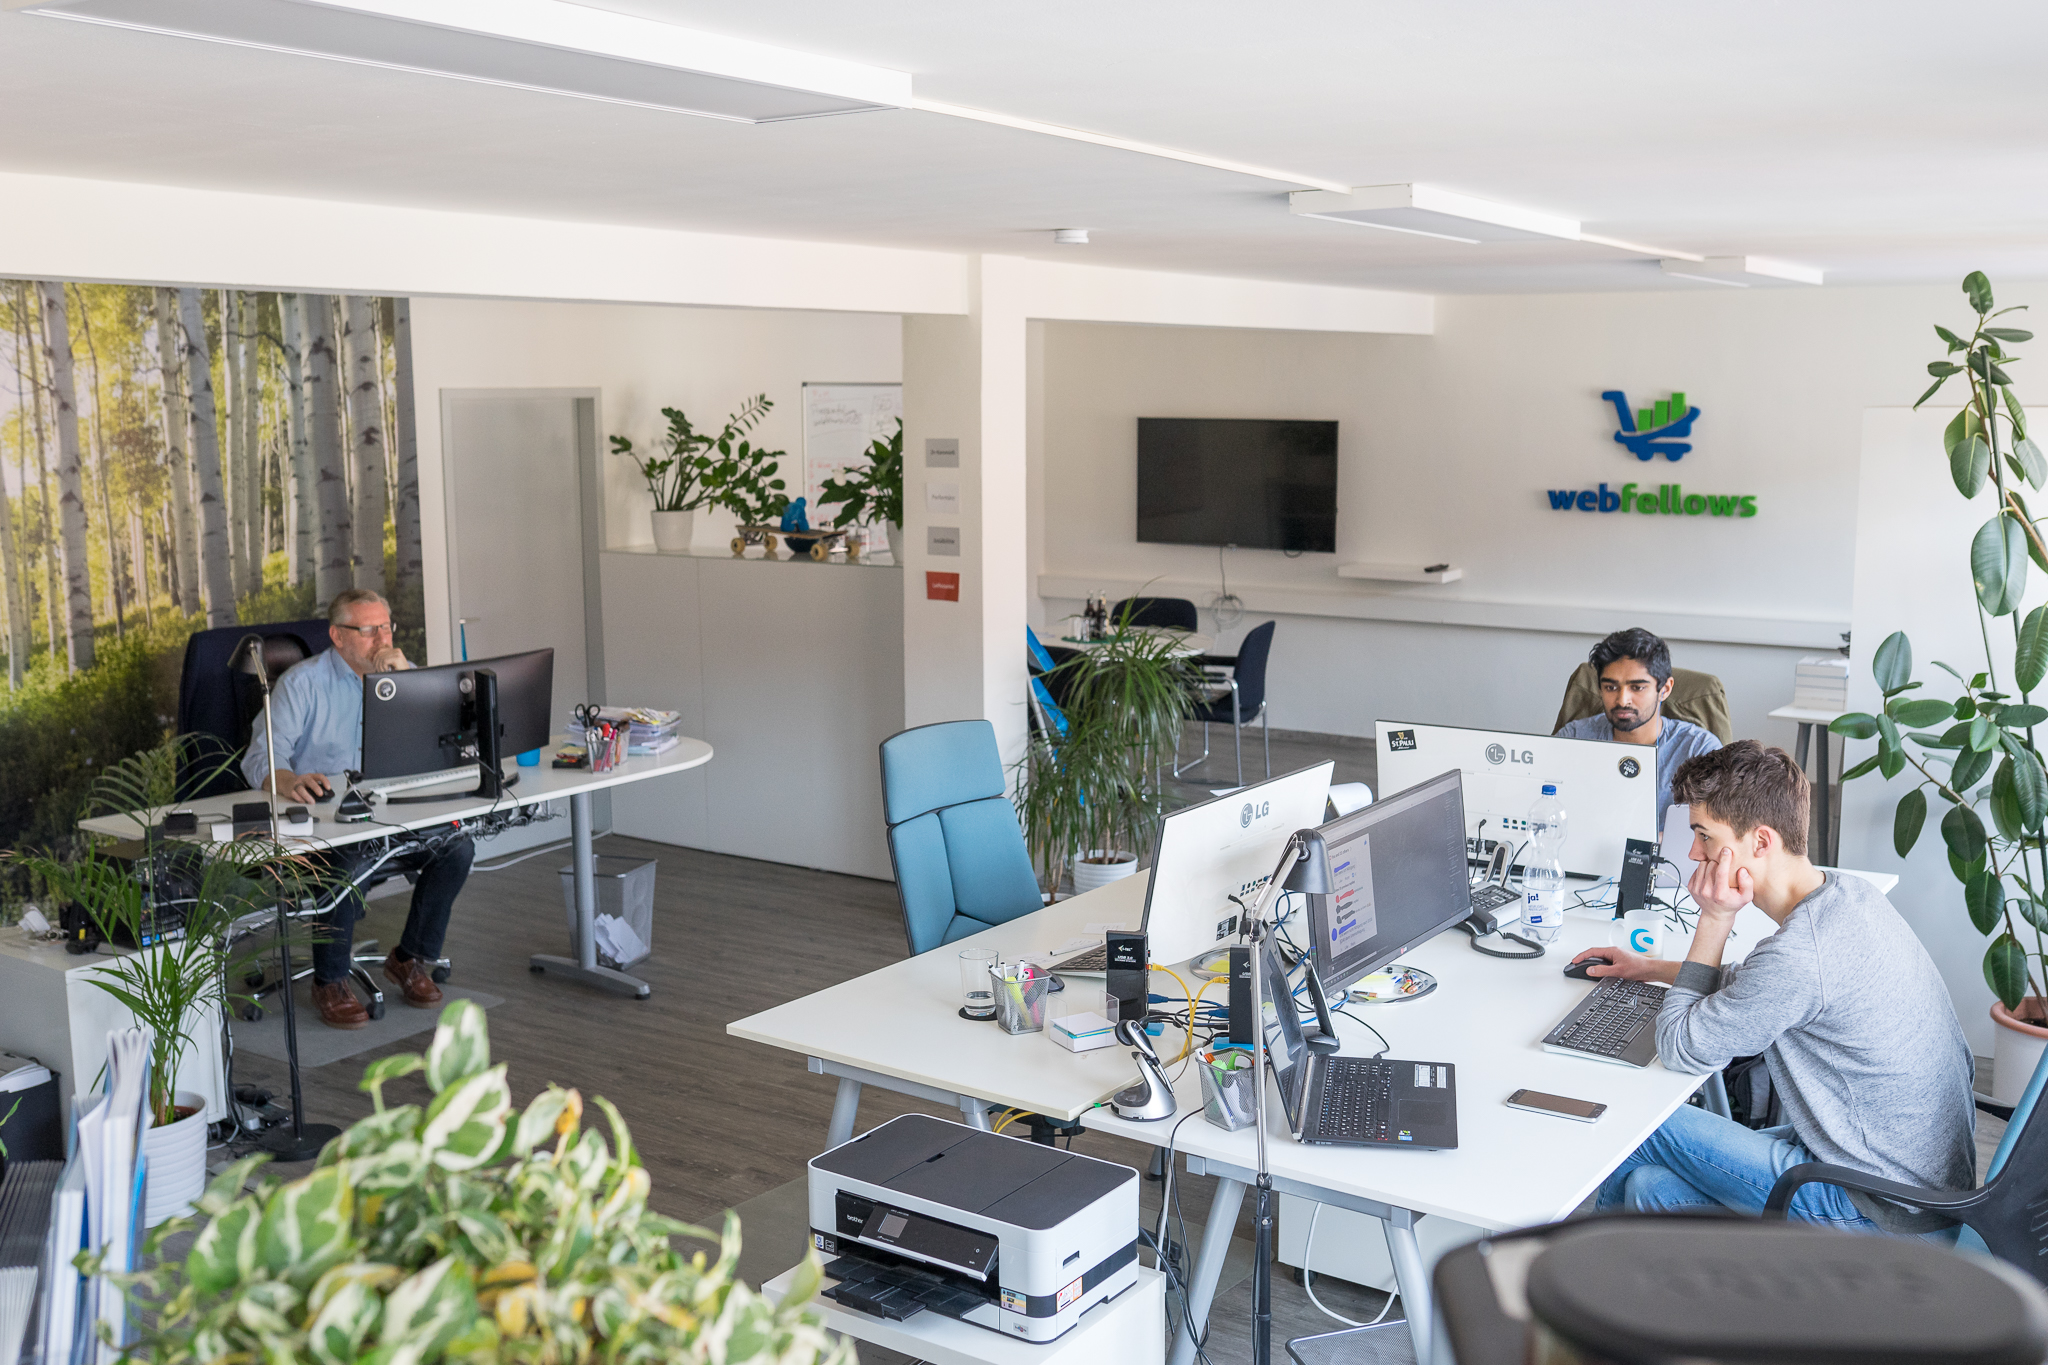 webfellows Büro Arbeitsplätze